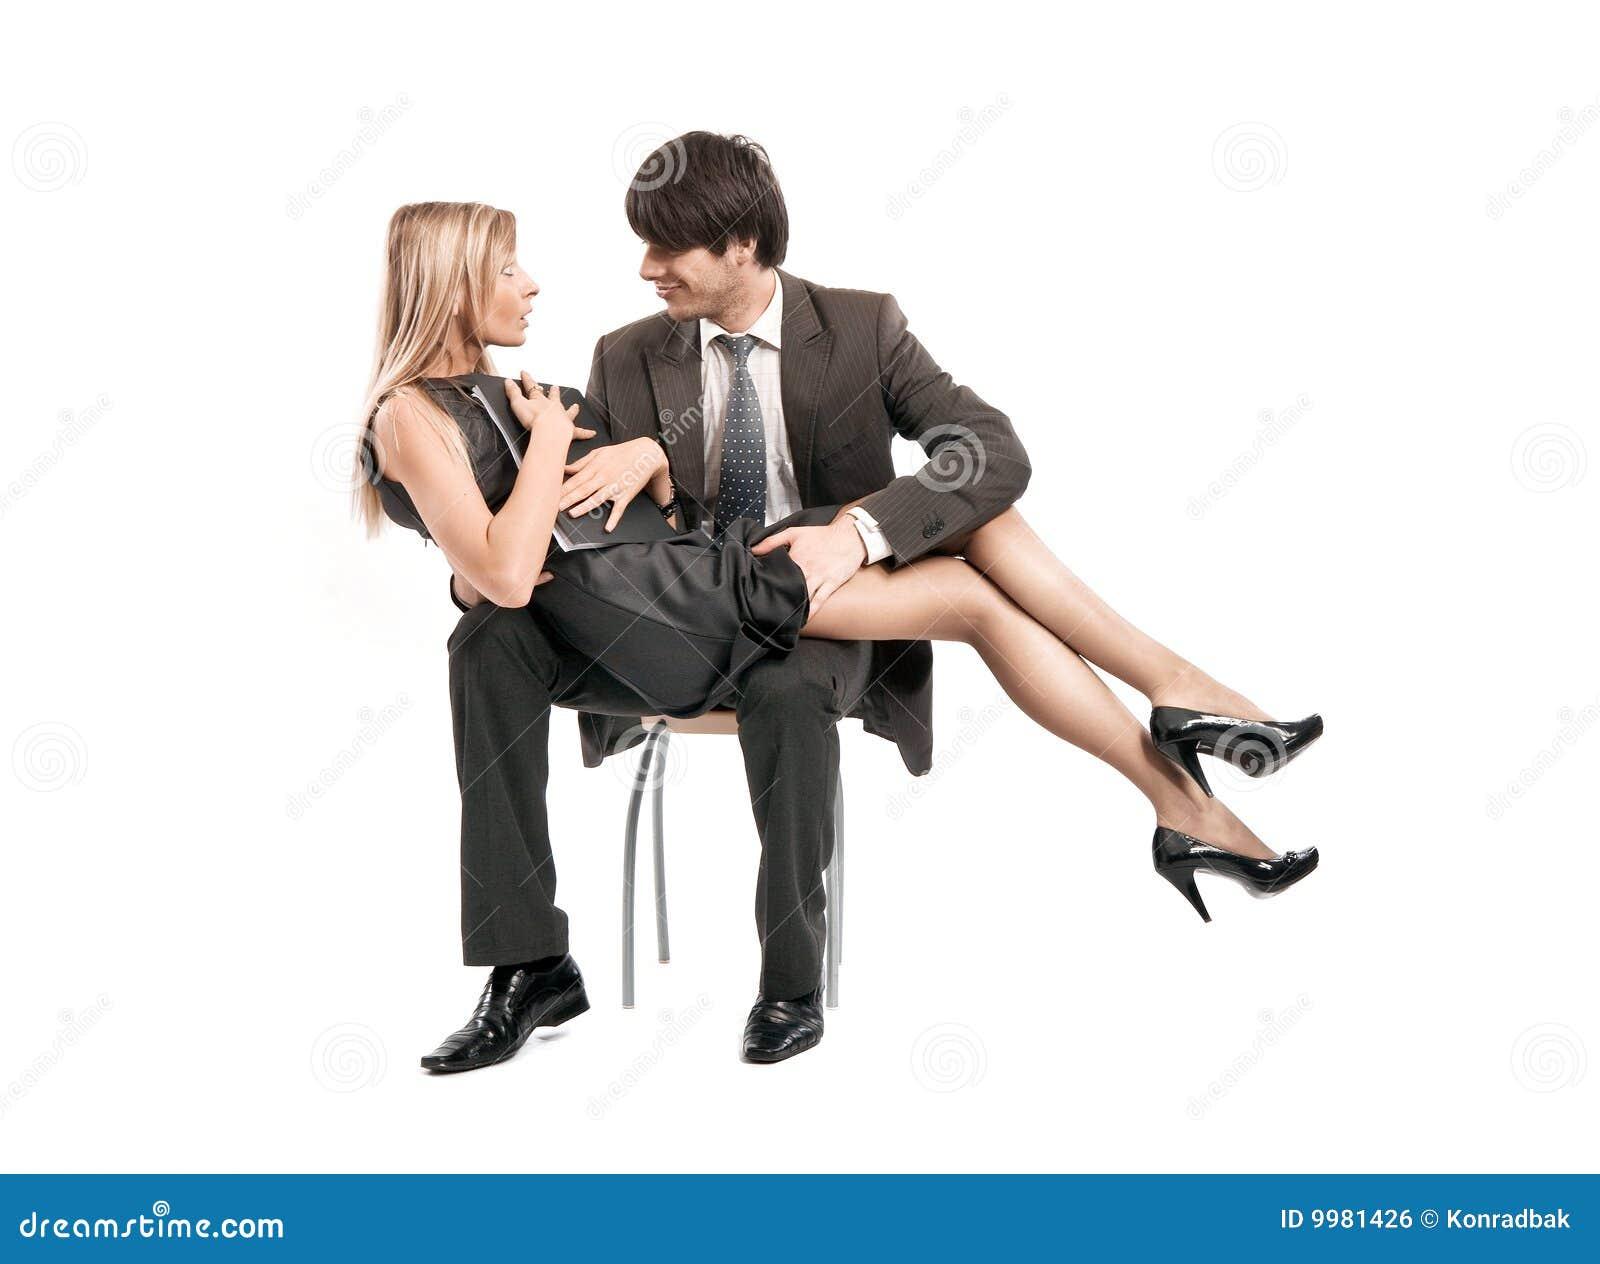 Mobbing Royalty Free Stock Image - Image 9981426-9598